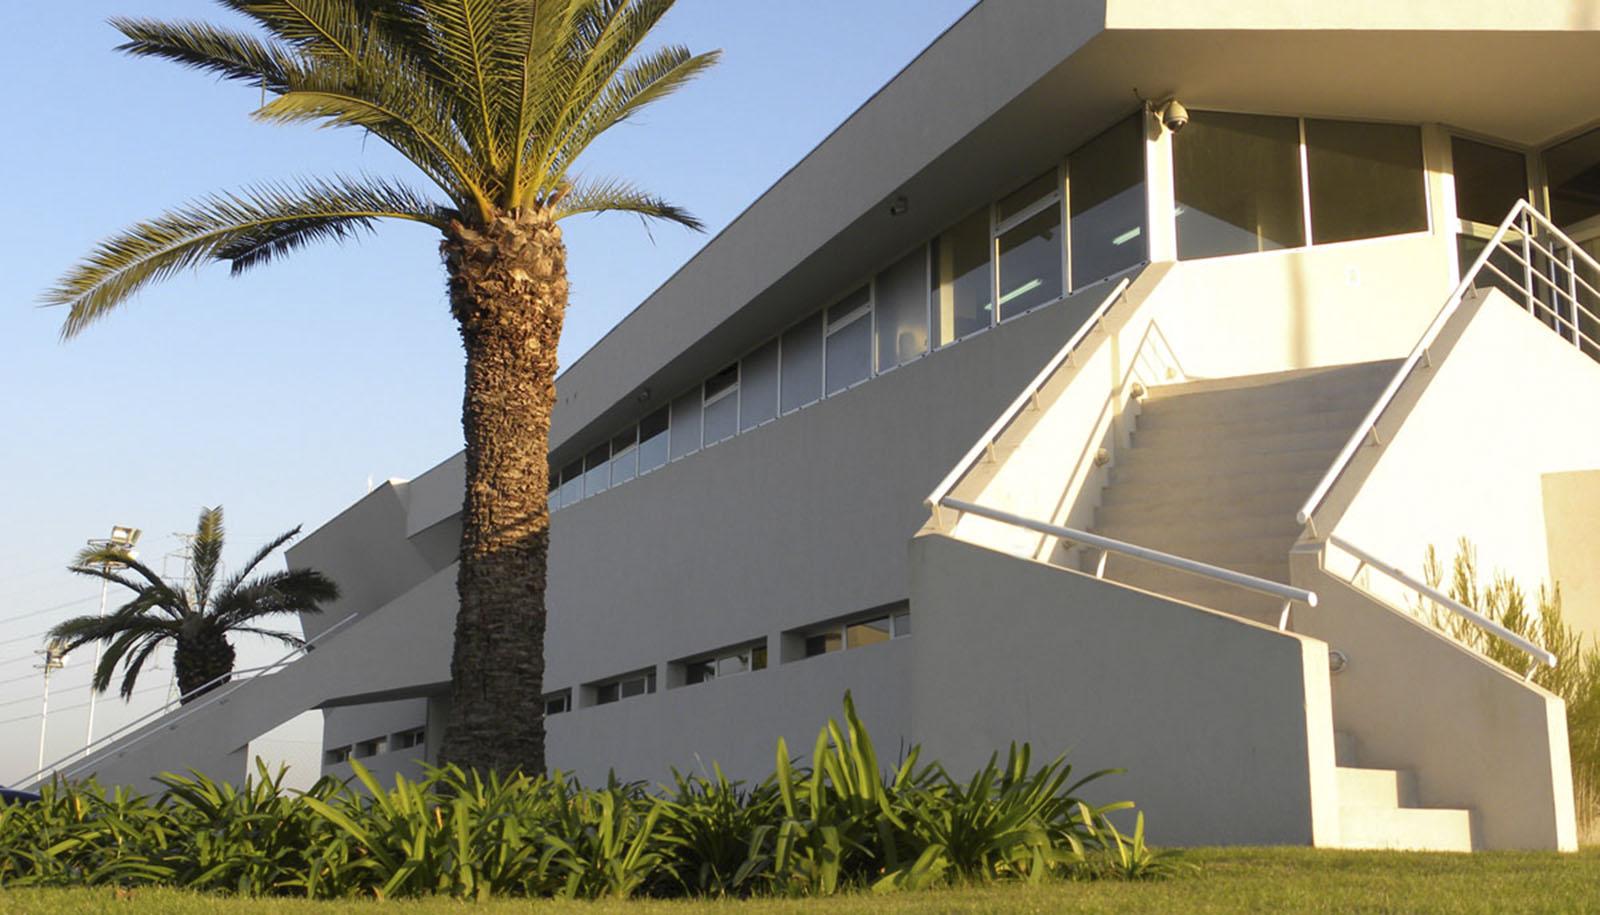 Diseño de escaleras, canchas en tigre, arquitectura deportiva, arquitectura de cintas